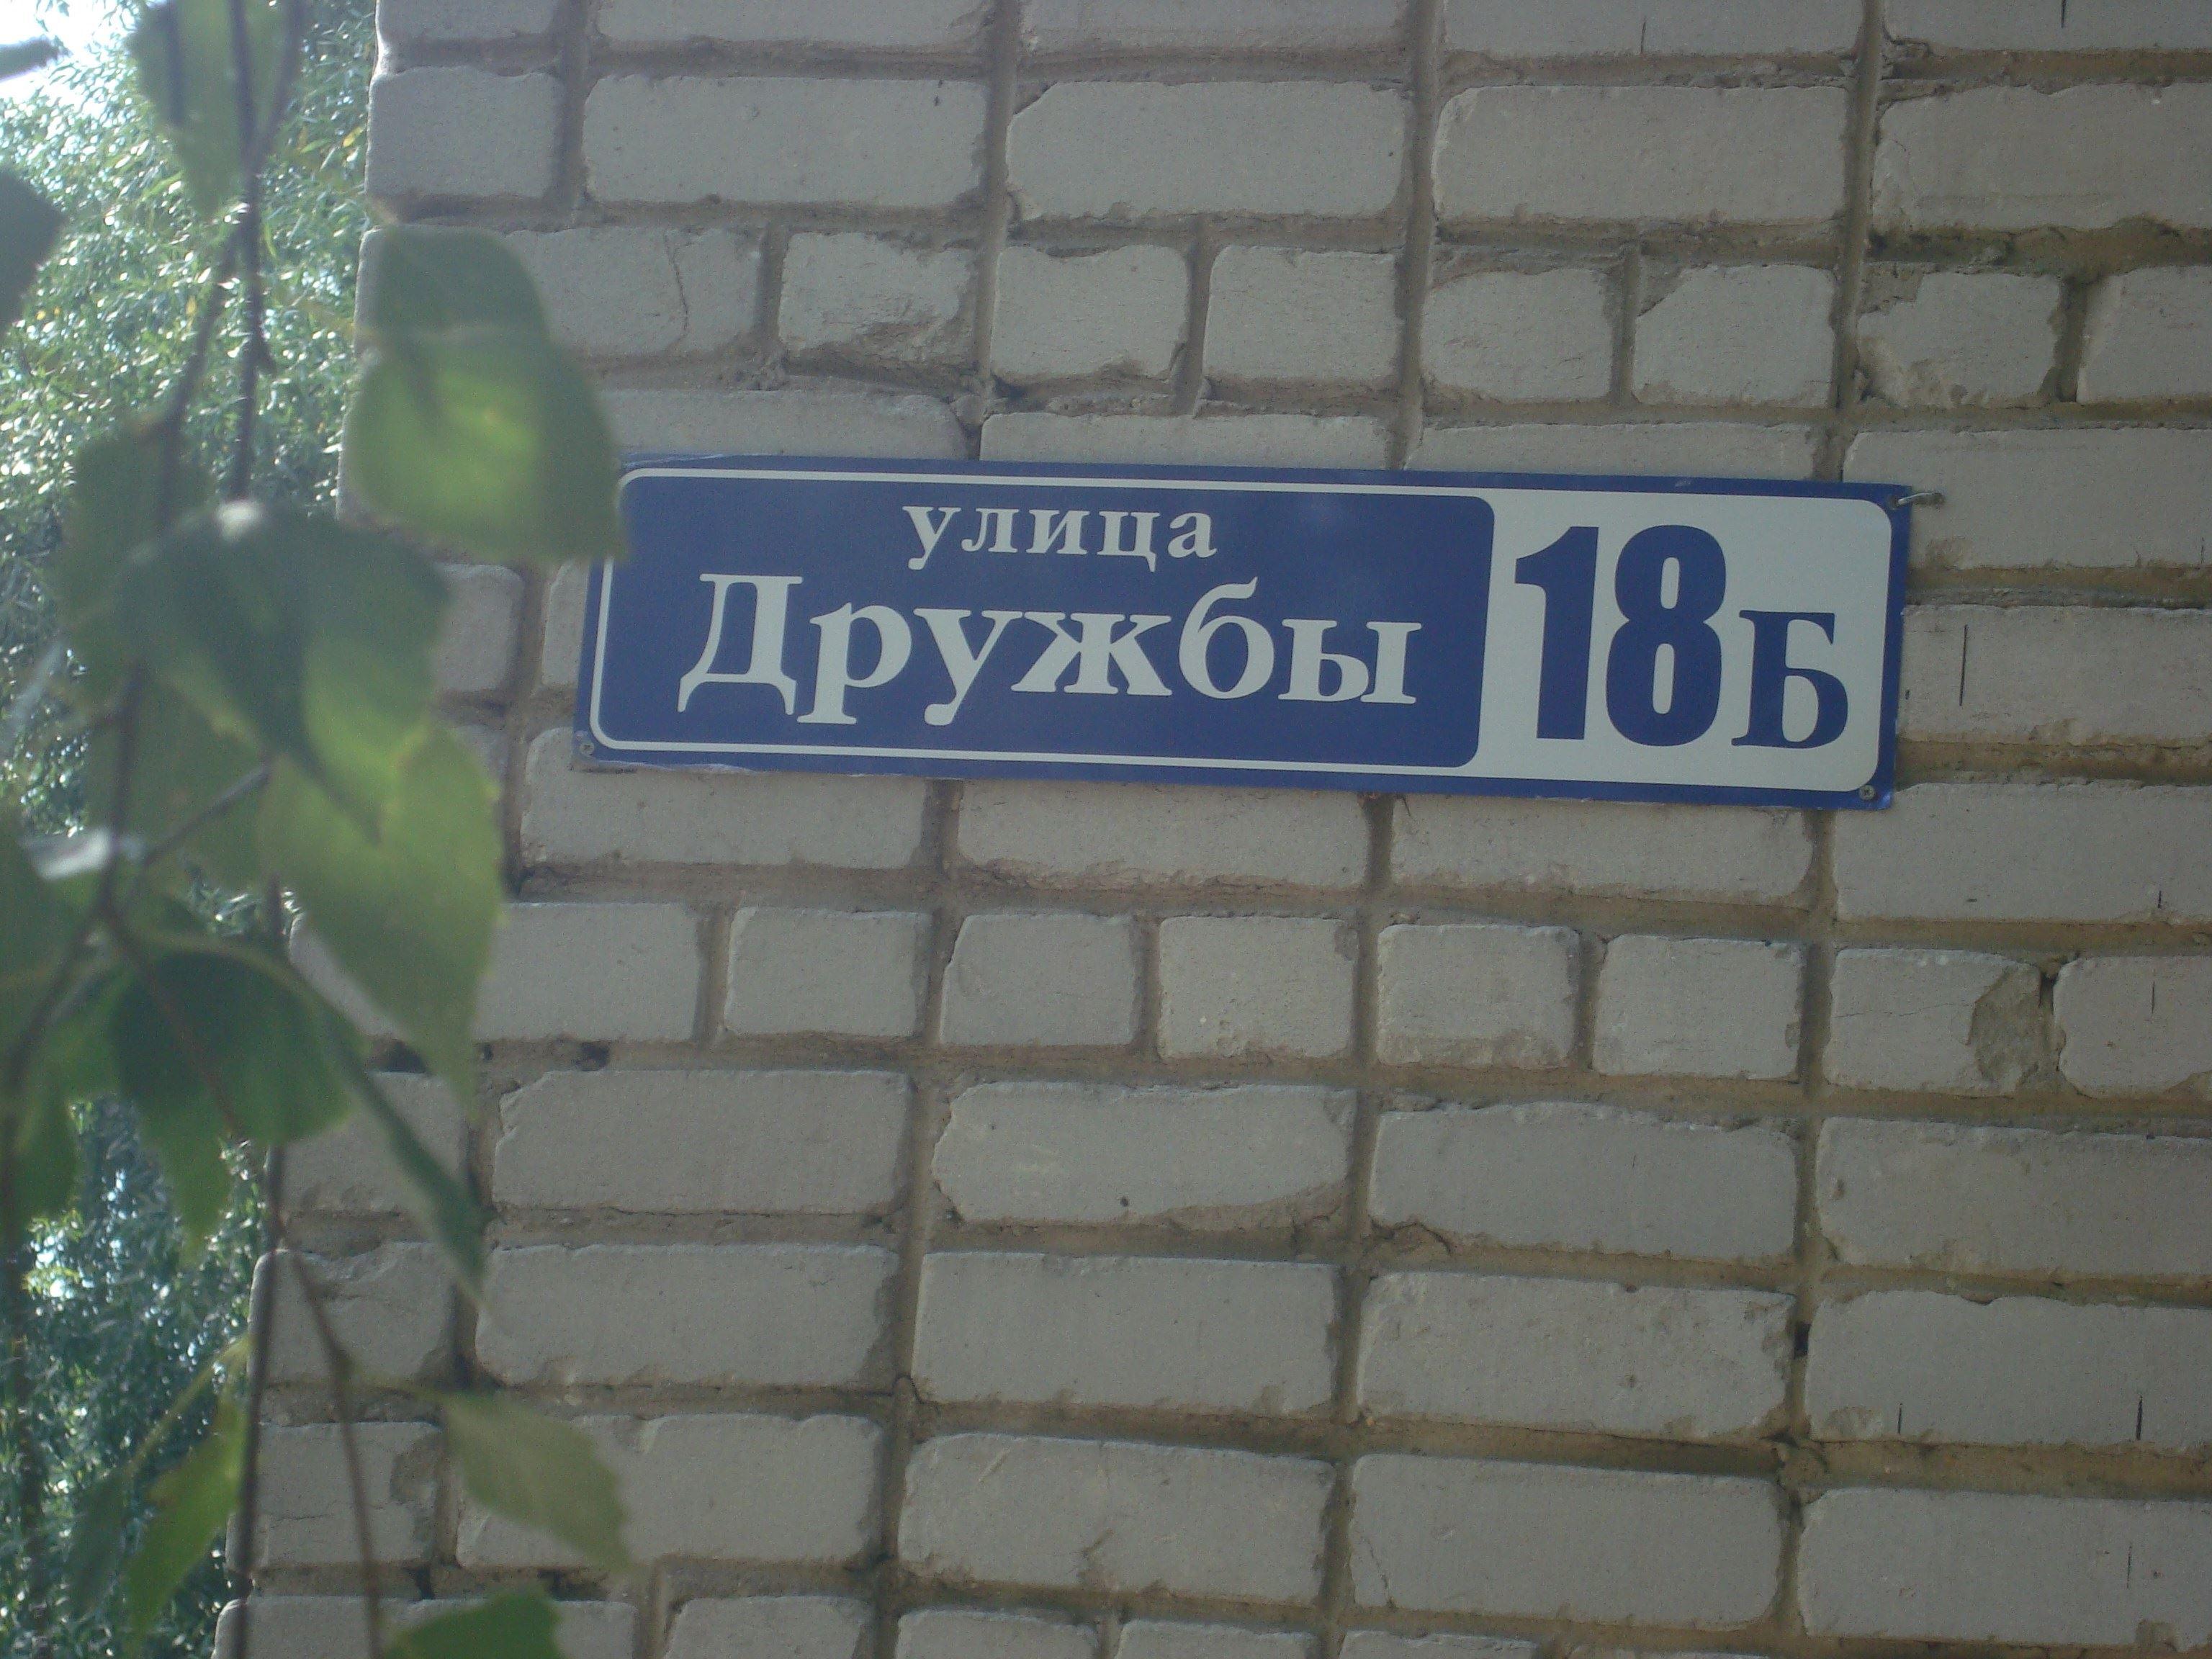 Улица дружбы где находится